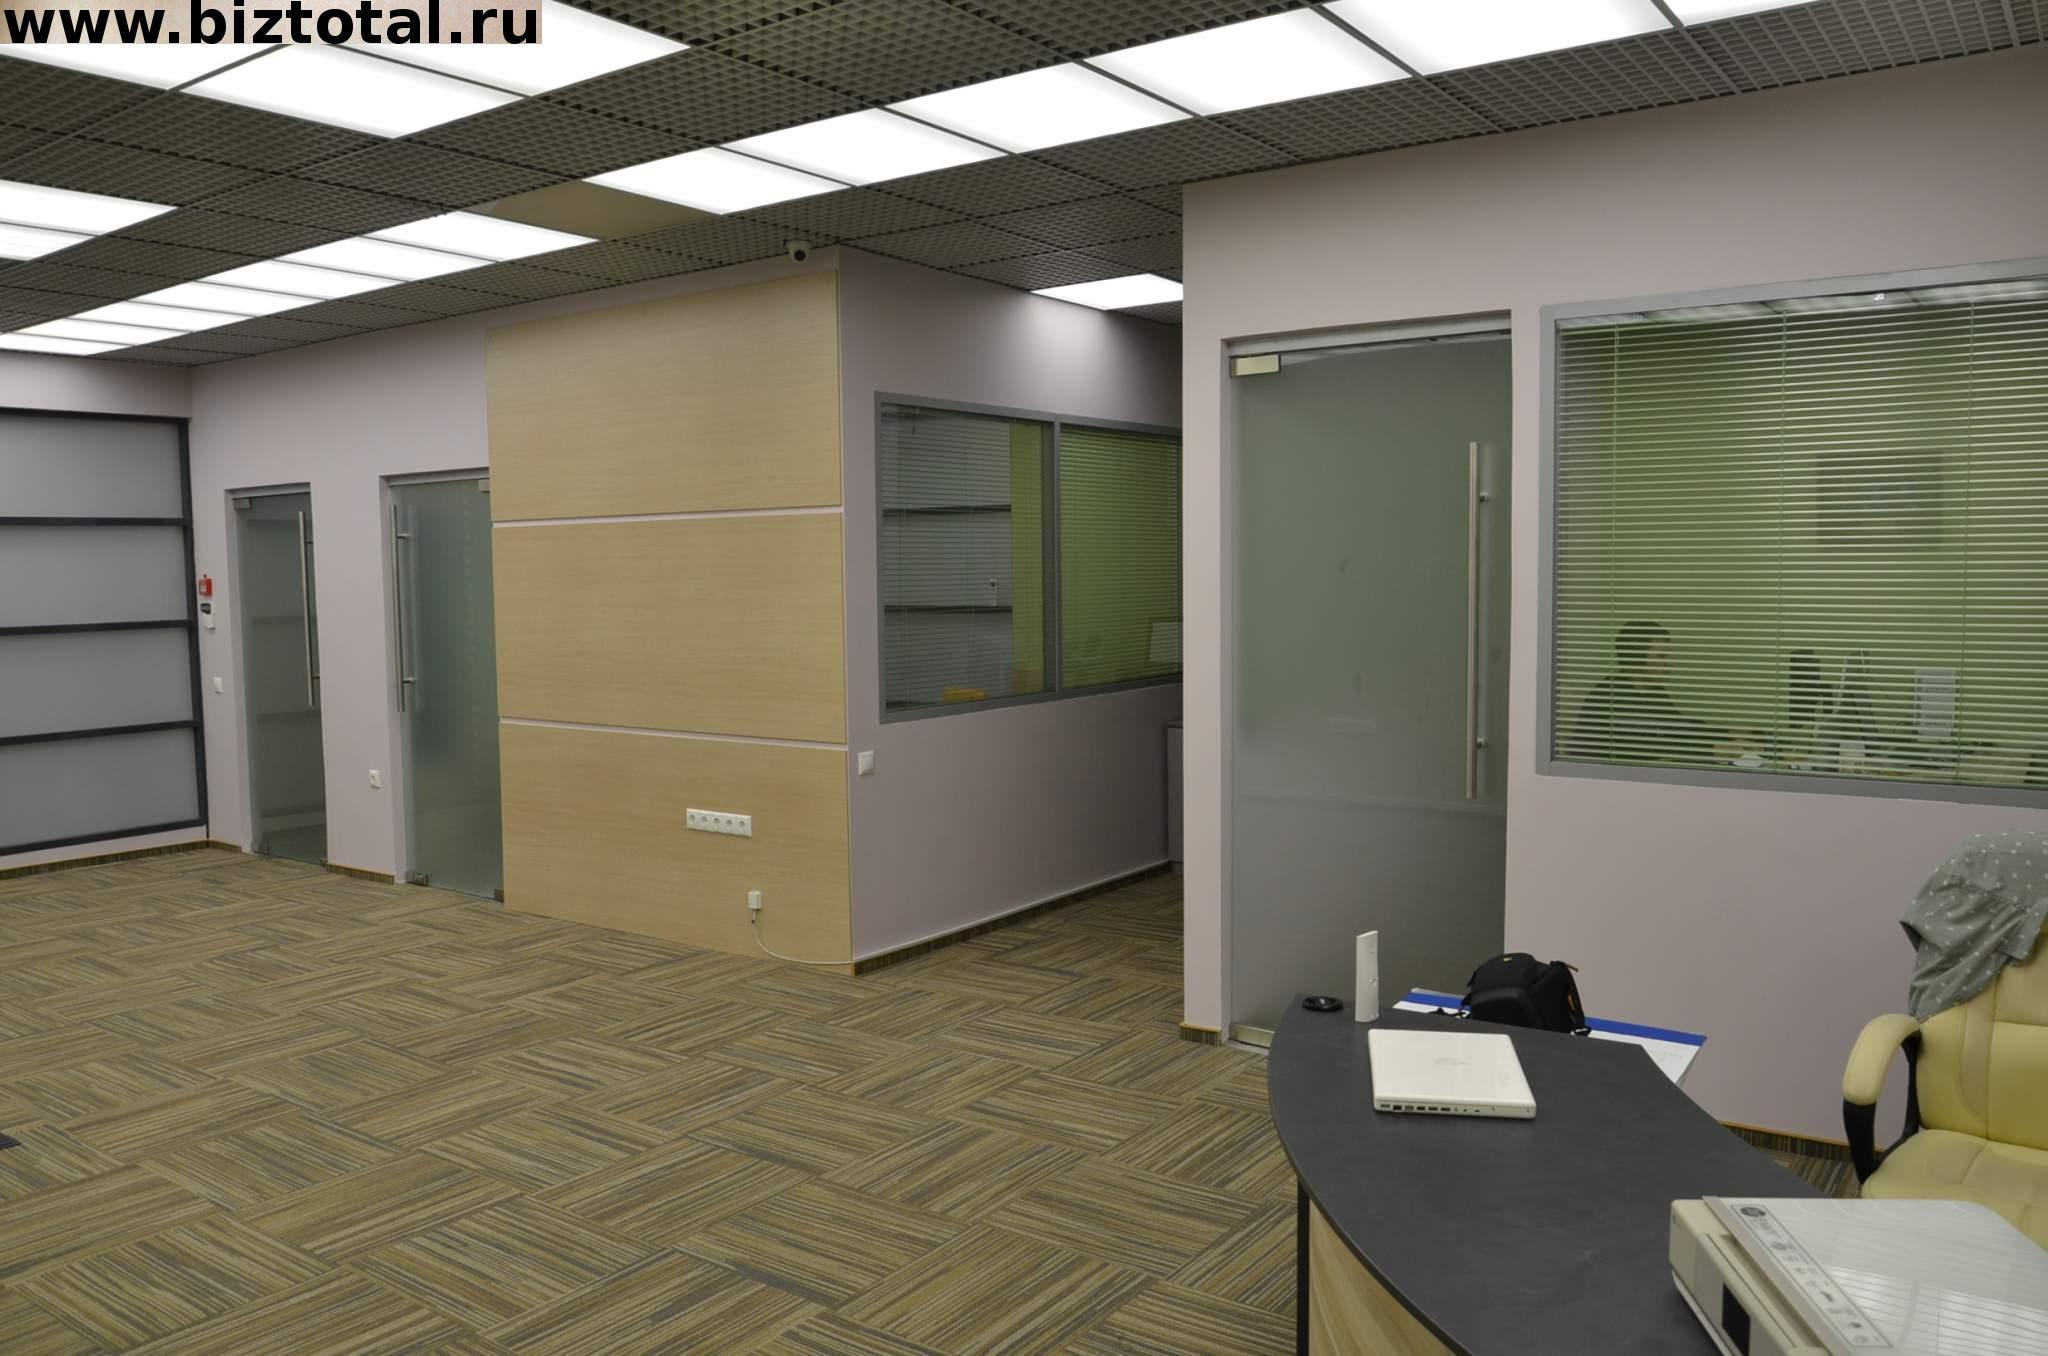 Офисное помещение с качественной дизайнерской отделкой